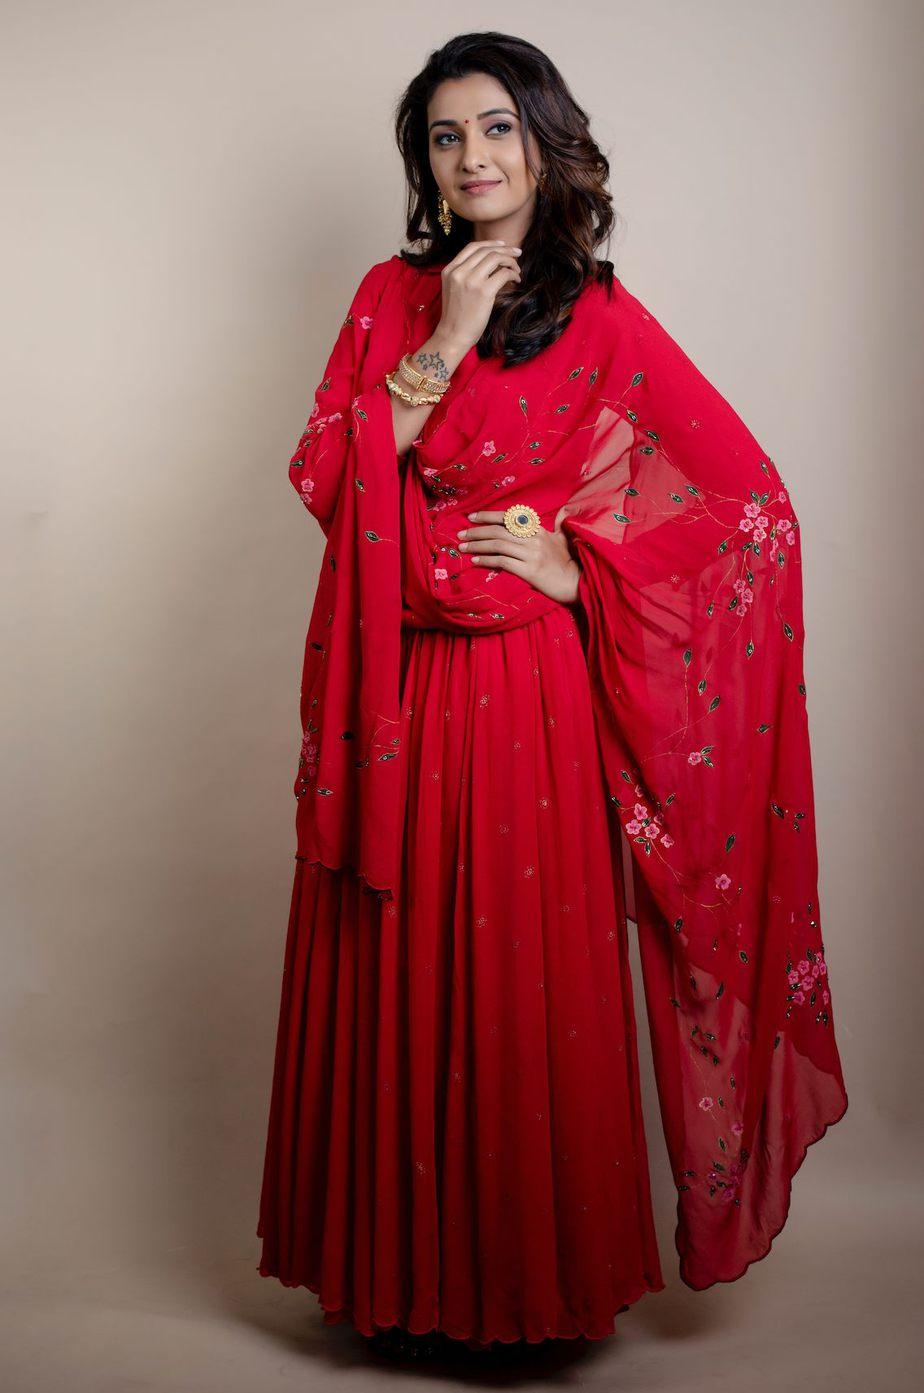 Priya Bhavani Shankar in a red shilpasutra anarkali -2